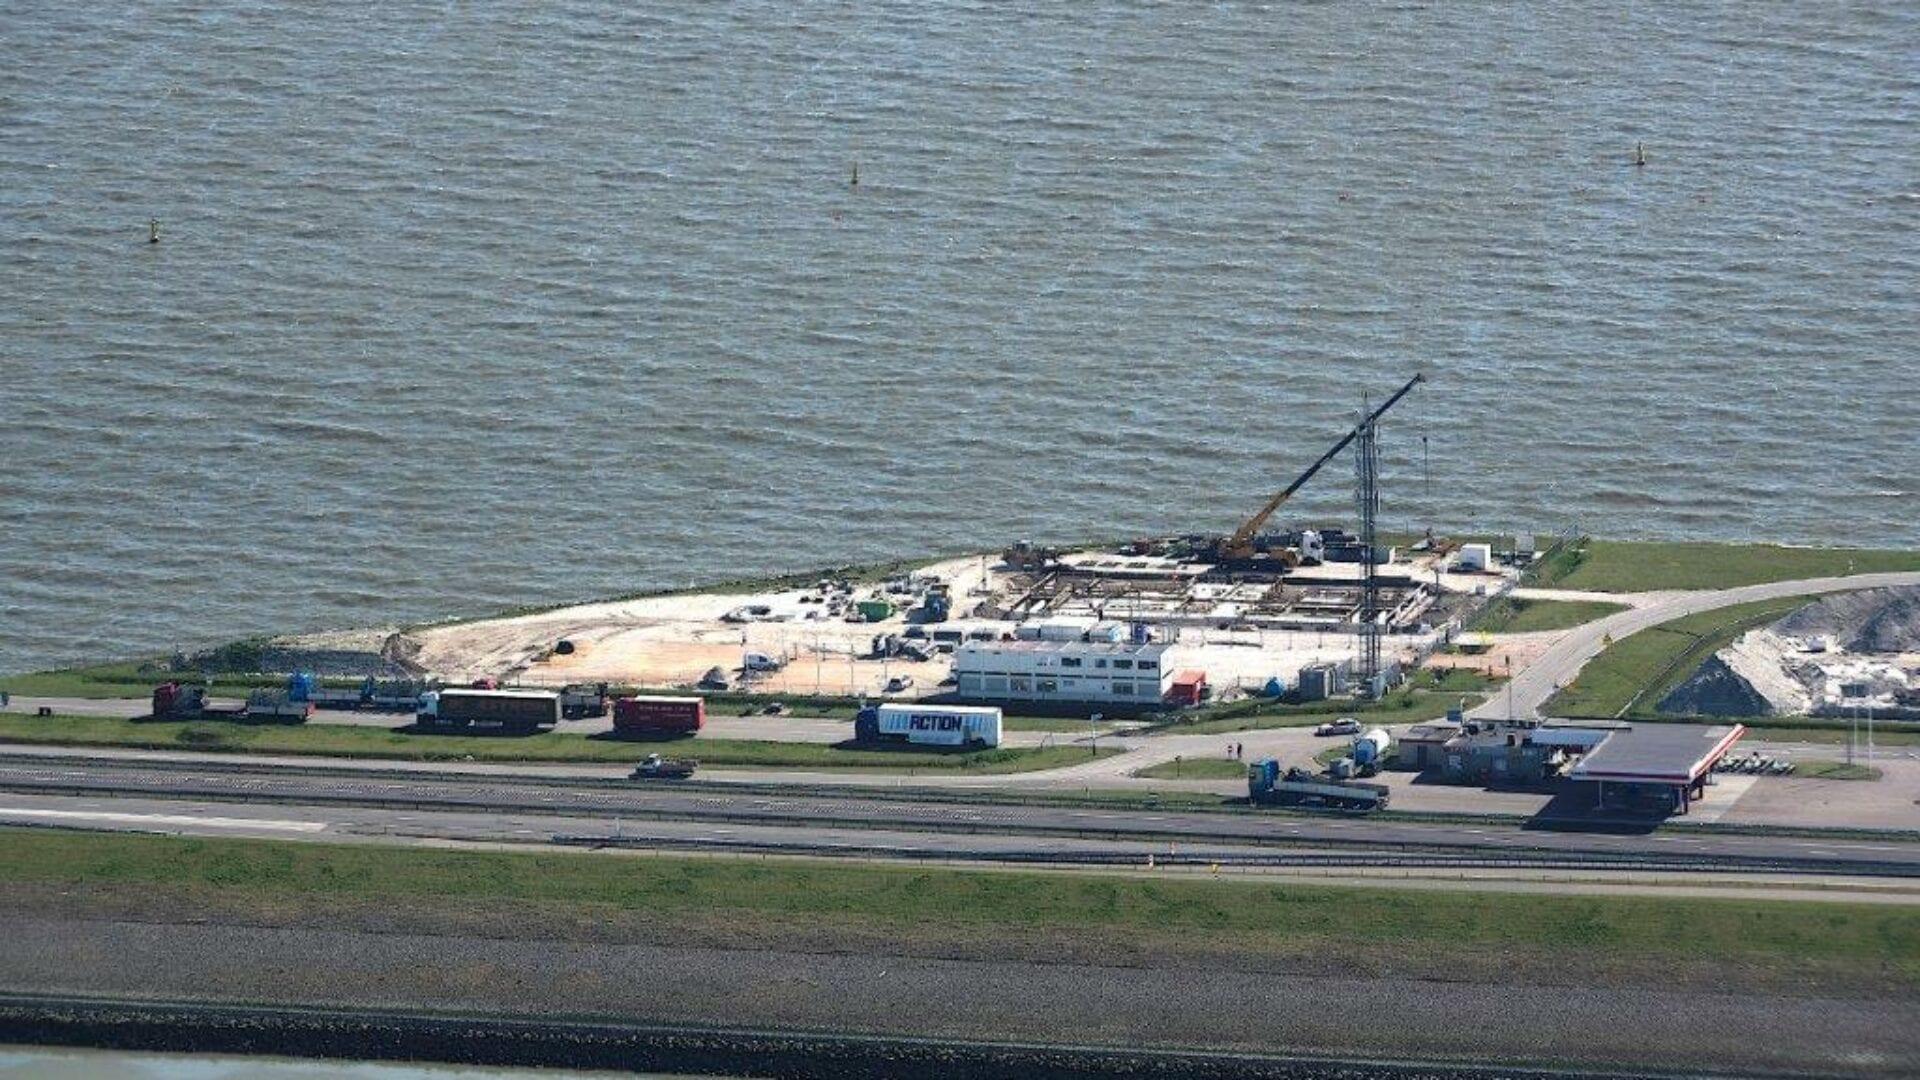 Luchtfoto van de Afsluitdijk. Je ziet een klein stukje met een bouwterrein. Er staan een paar vrachtwagens, hefkraan en klein gebouwtje. Verder kijk je vanuit het IJsselmeer en zie je een stuk van de Waddenzee.